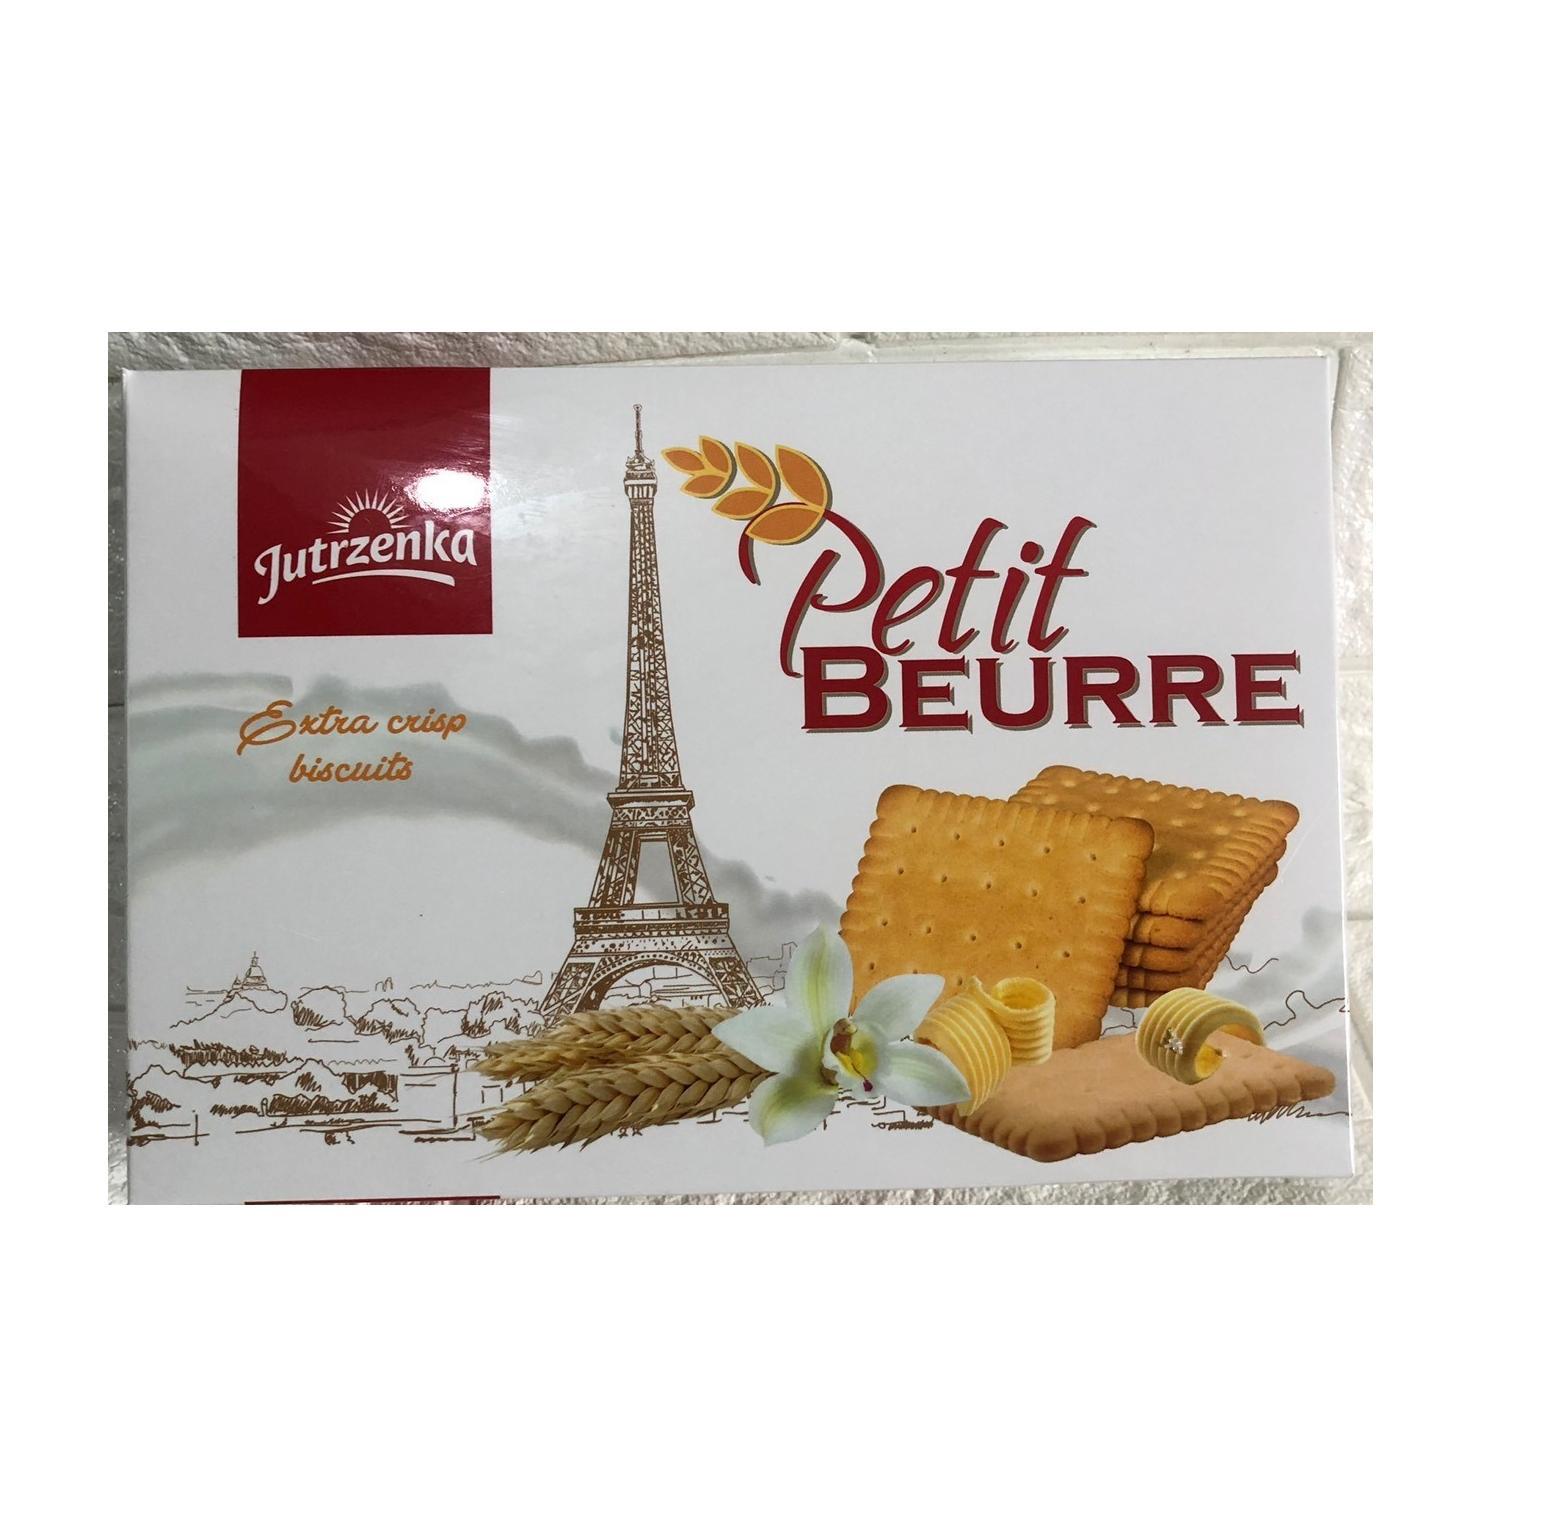 Bánh Pettit Beurre hộp giấy trắng